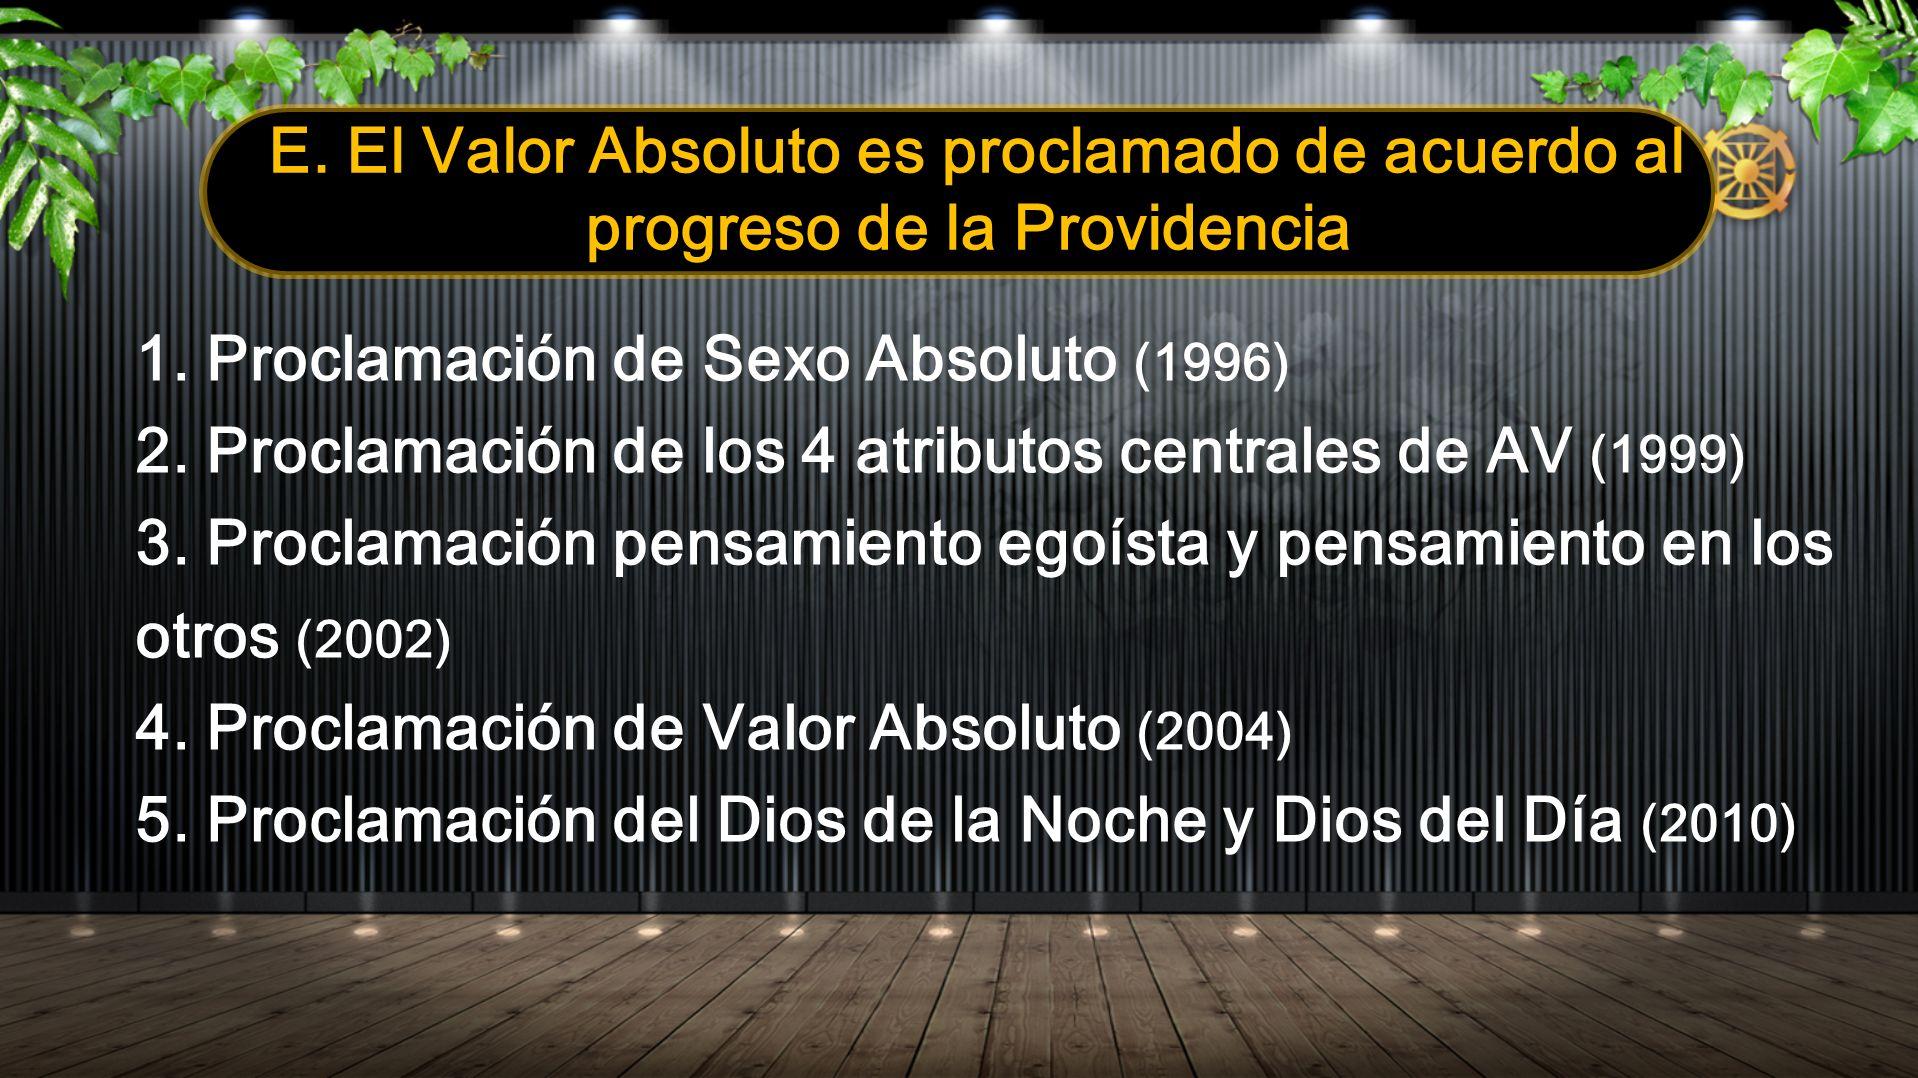 2.Proclamación del Día de Victoria cuando Dos Números Suman más de Diez (05/05/04) a.